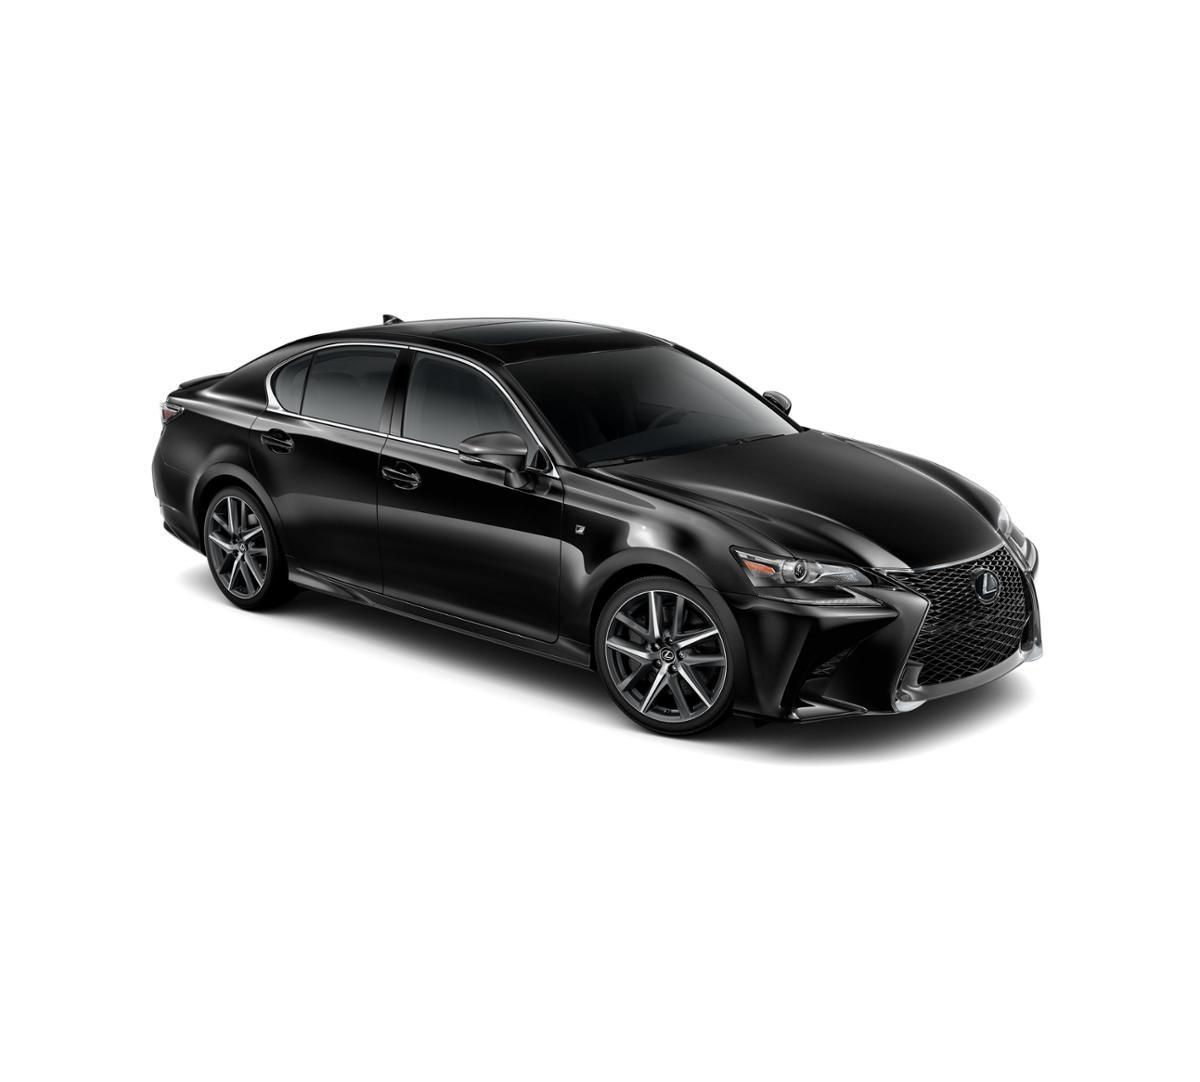 Lexus Gs Lease: 2018 Lexus GS 350